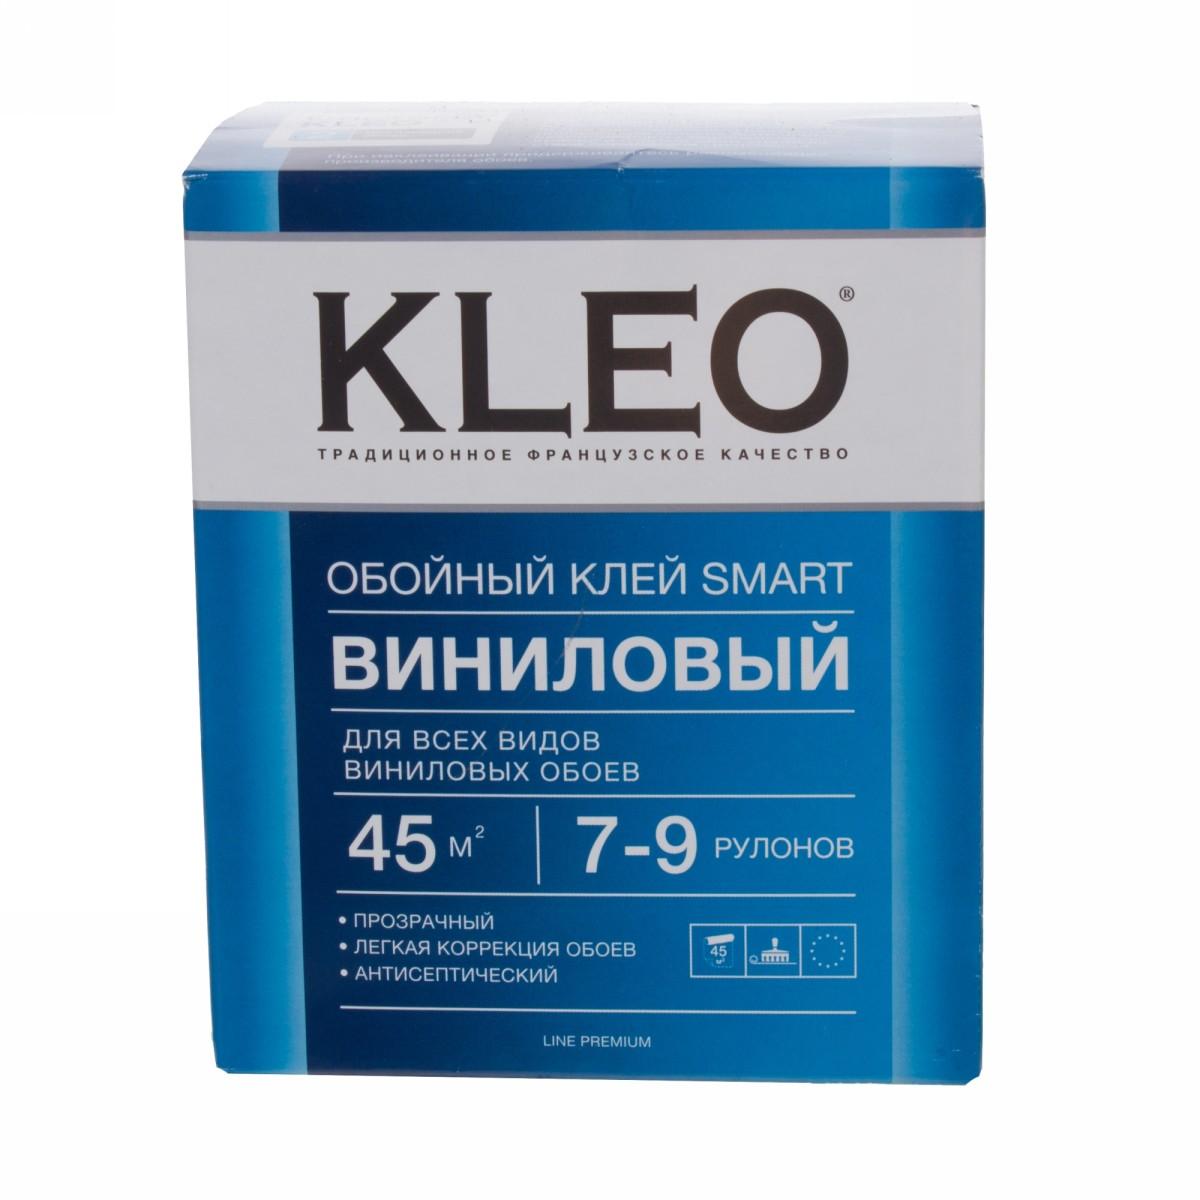 Клей для виниловых обоев Kleo 35-45 м2 7-9 рулонов